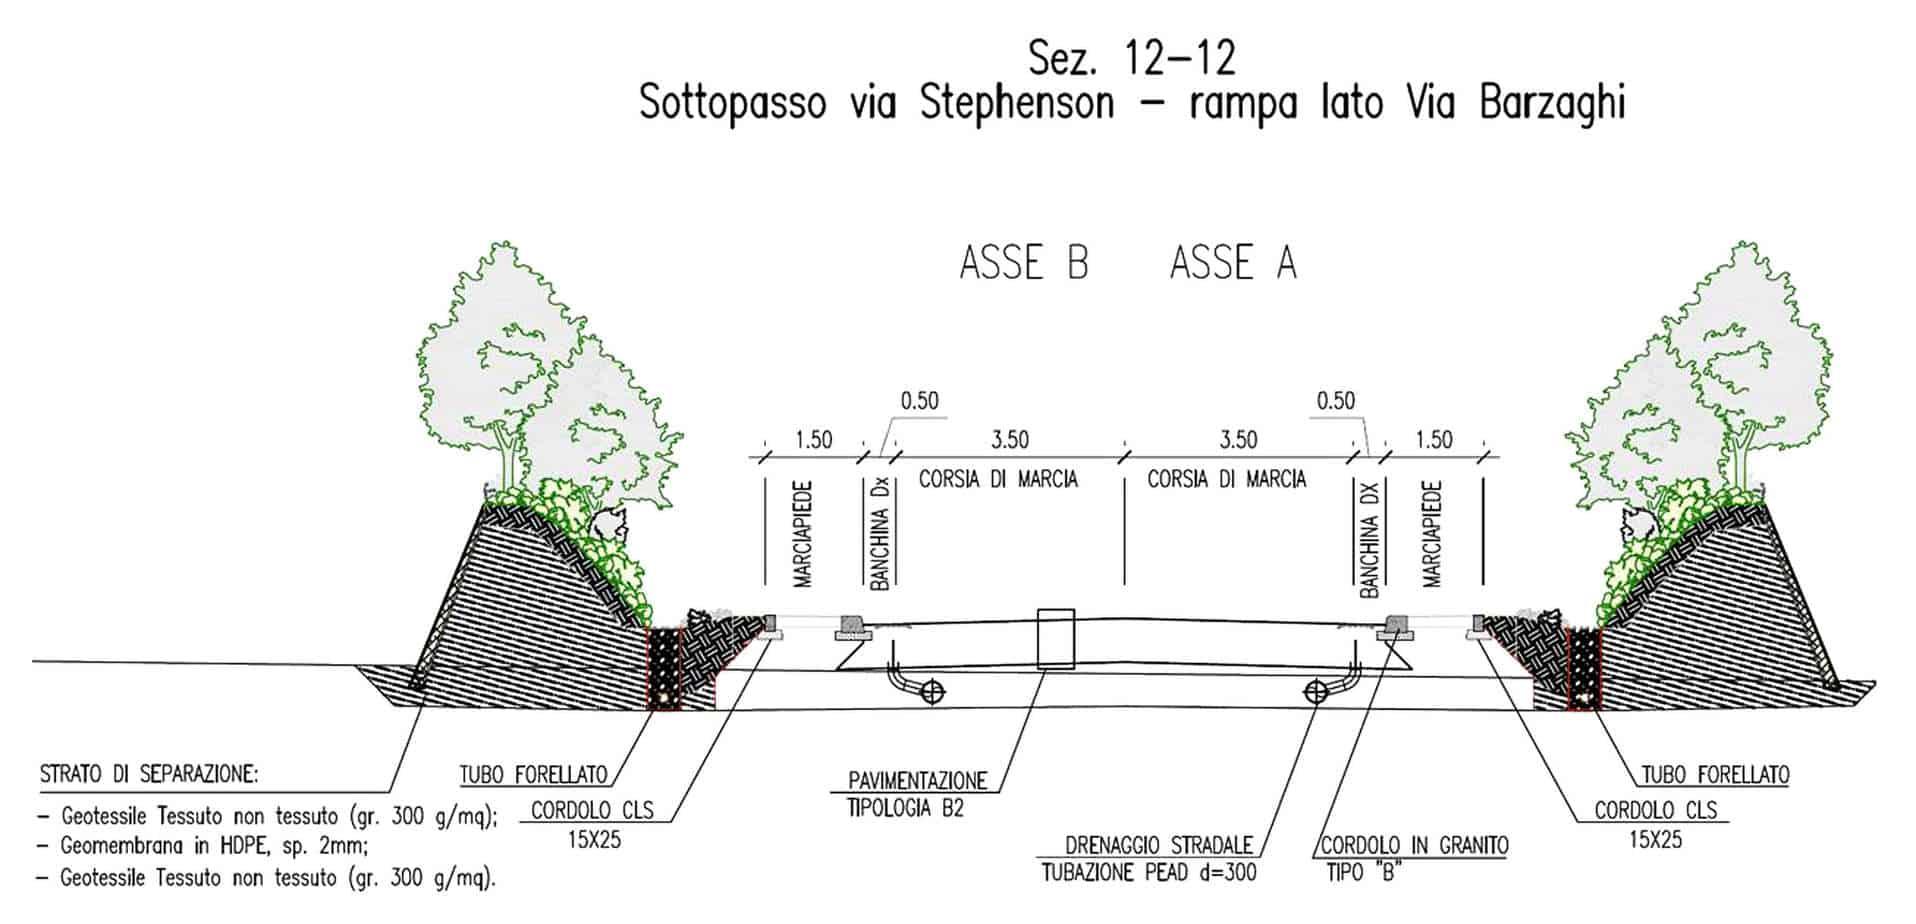 La sezione tipologica della rampa Sud lato Via Barzaghi a raso